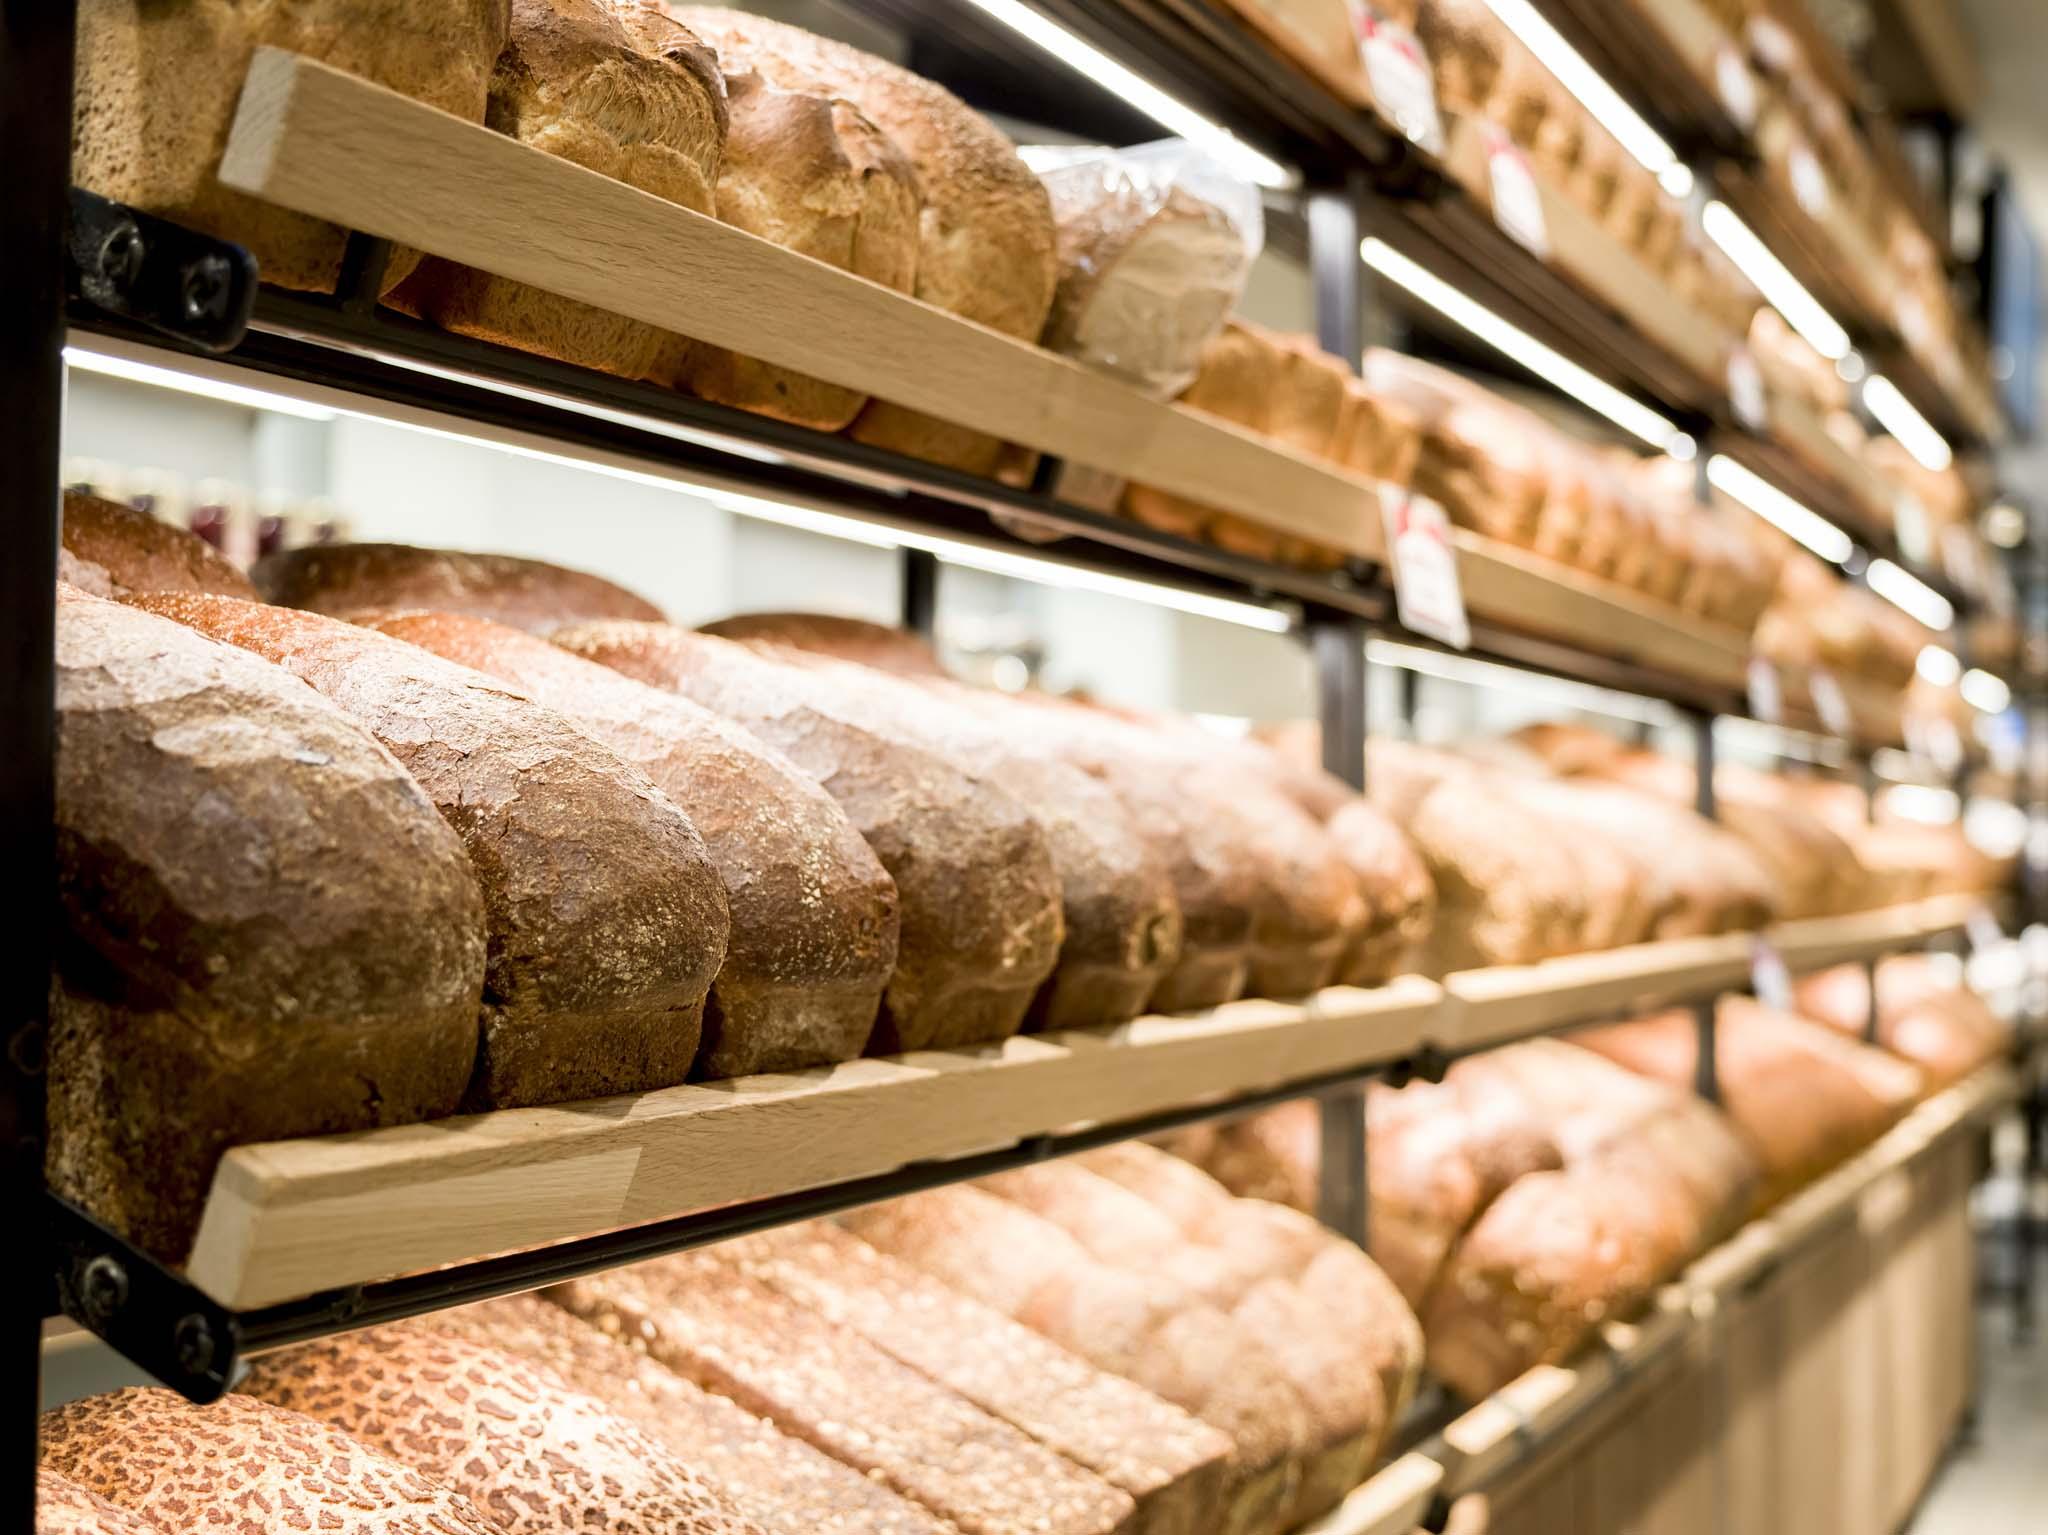 Afbeeldingsresultaat voor vers brood